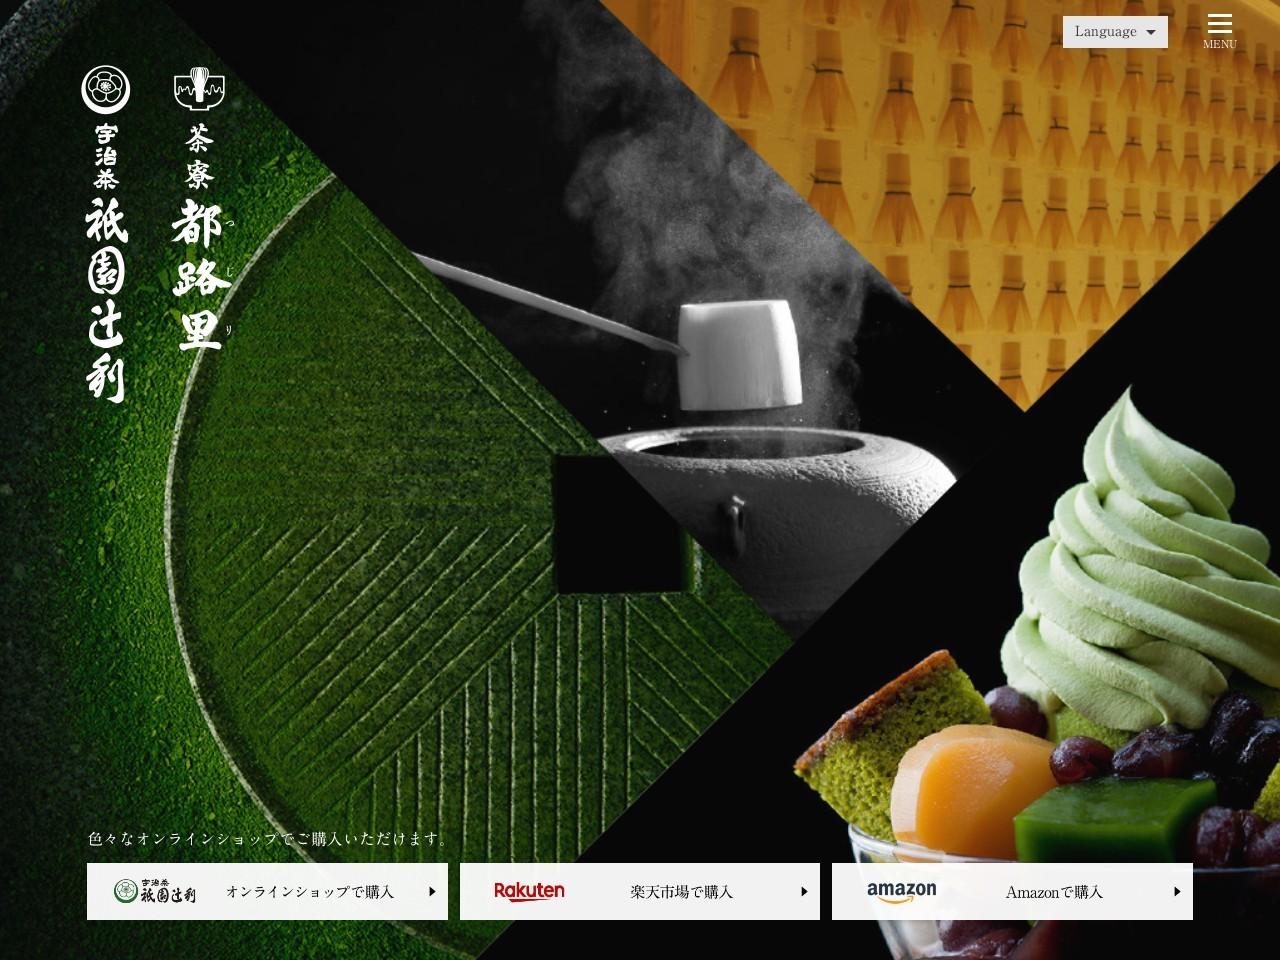 http://www.giontsujiri.co.jp/gion/